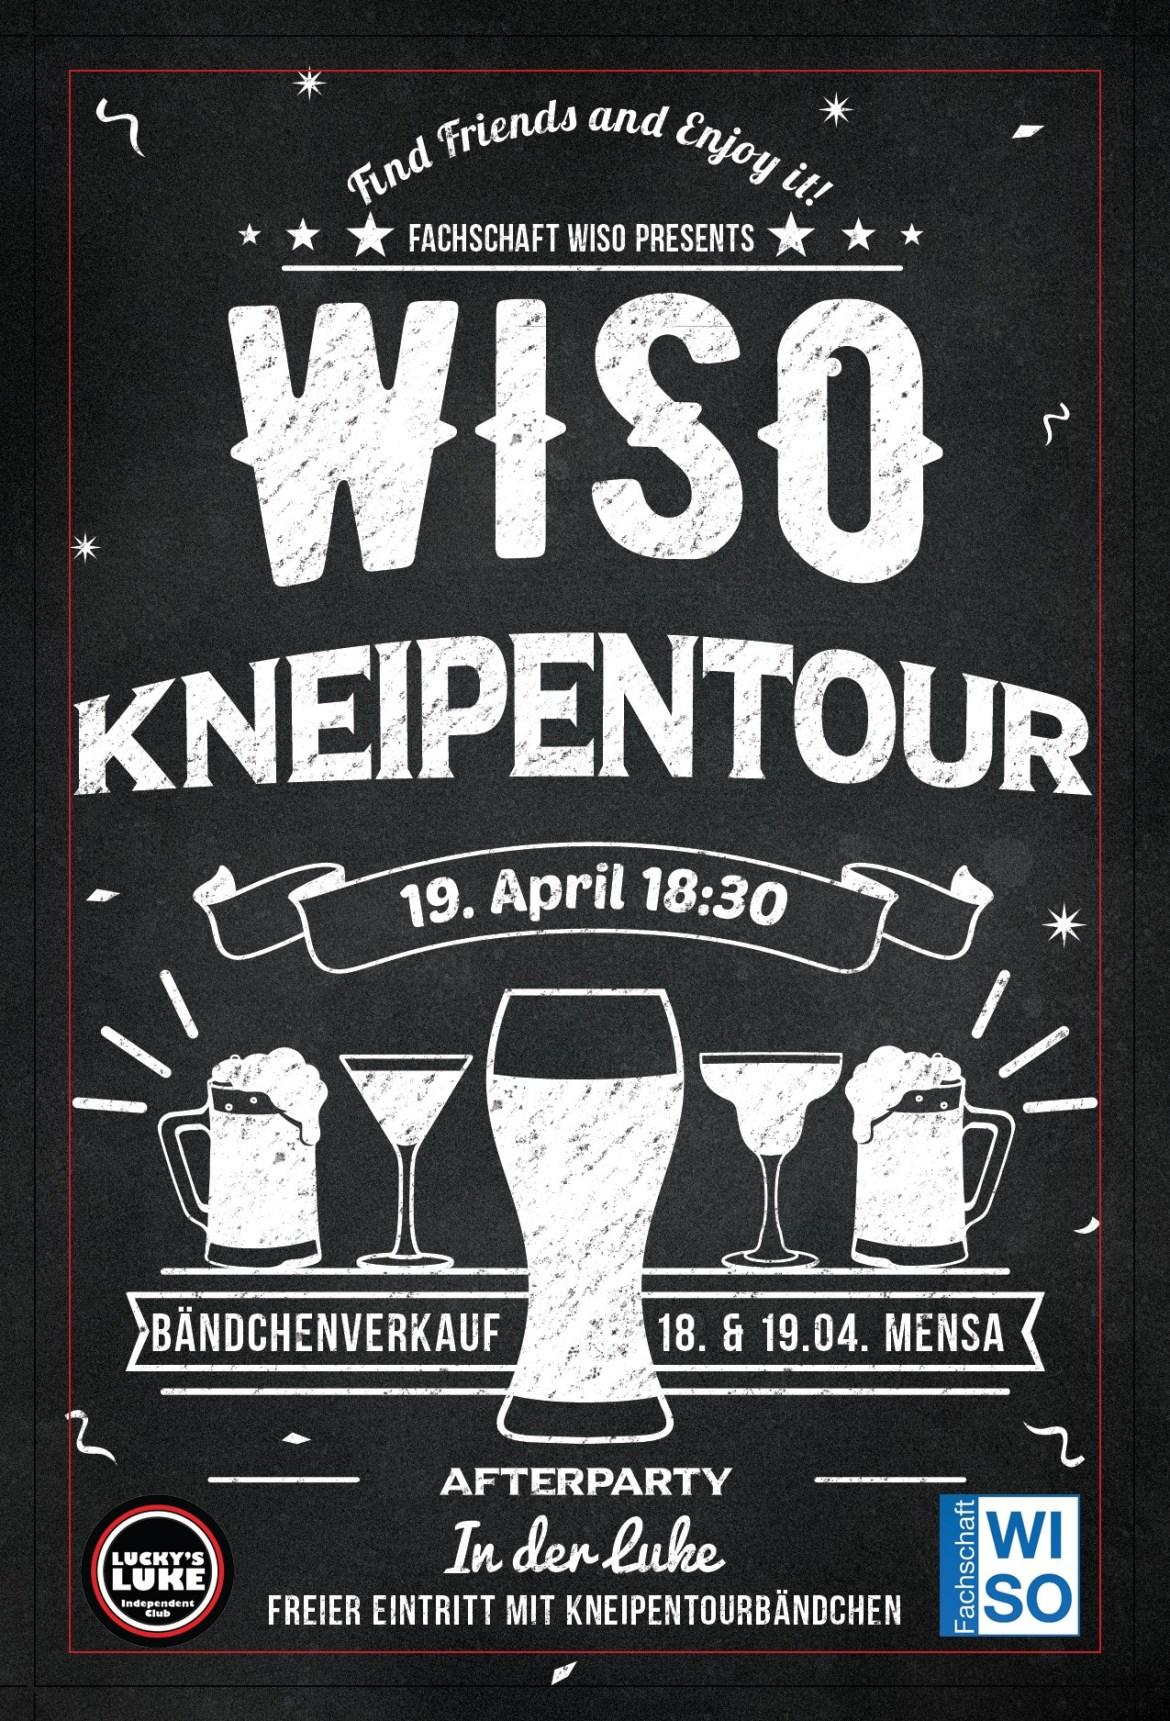 WISO Kneipentour